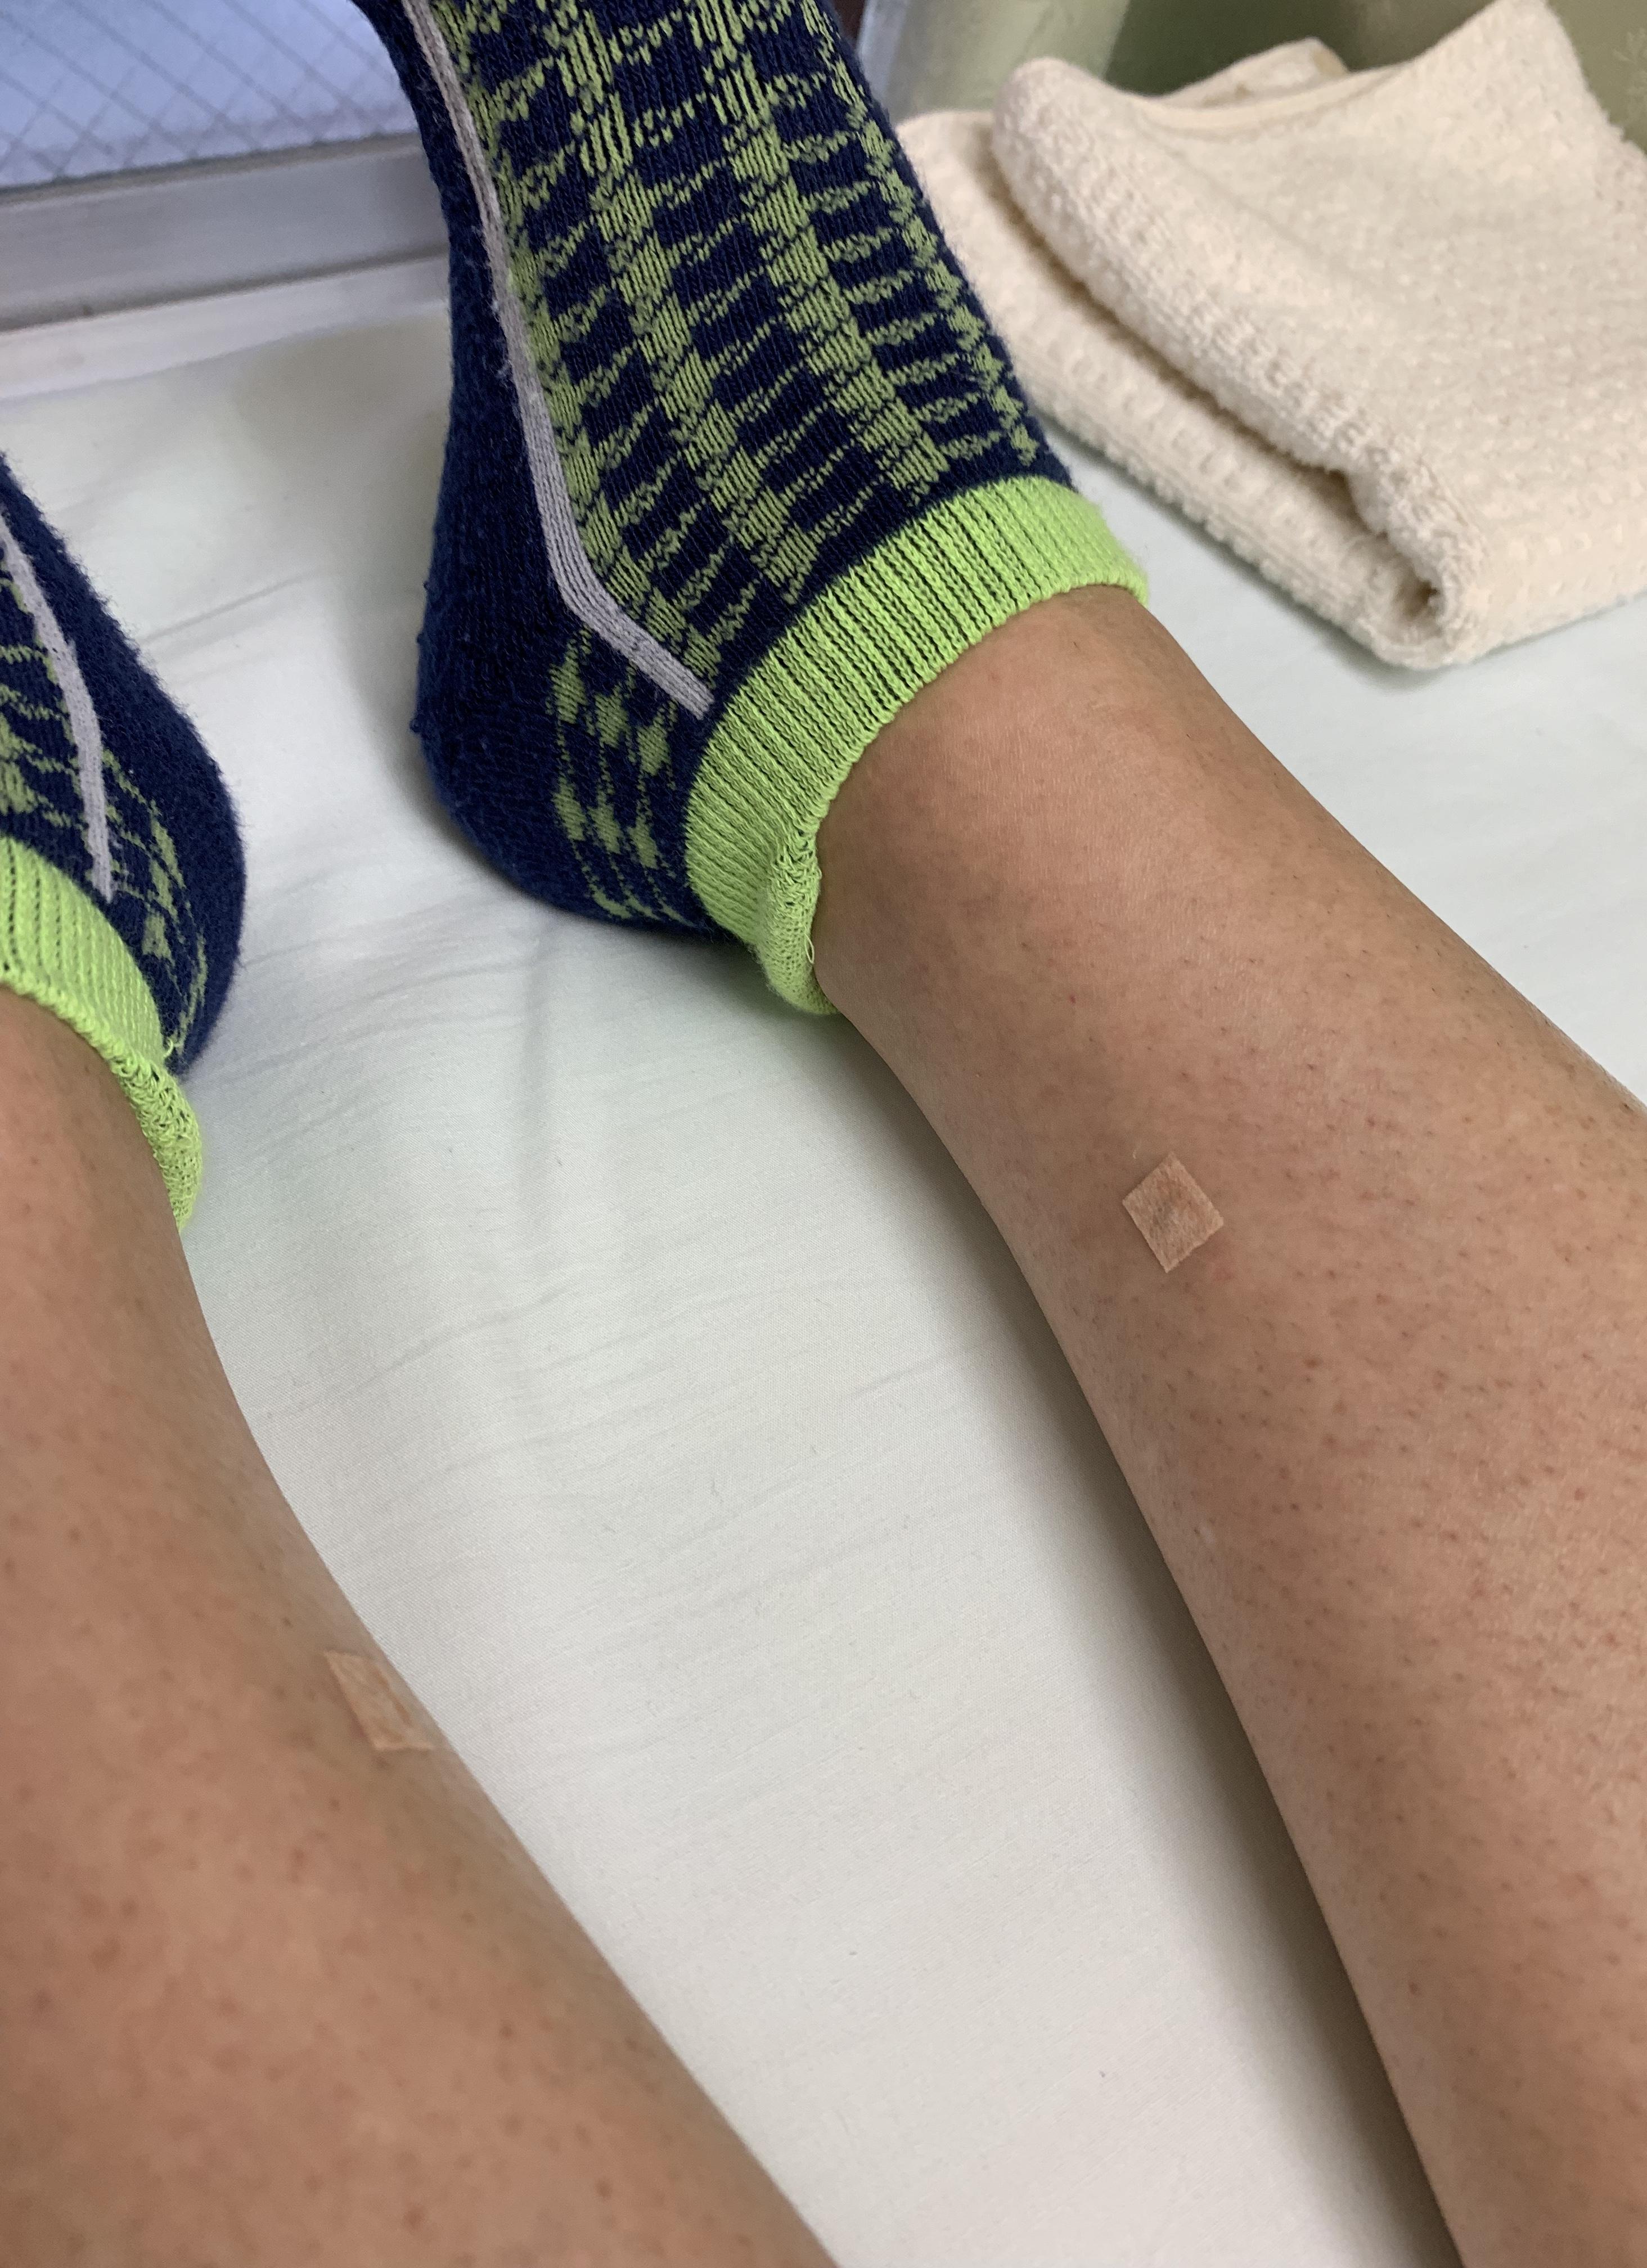 三陰交の置き鍼で夜間に足がつらなくなった症例。(結果には個人差があります)